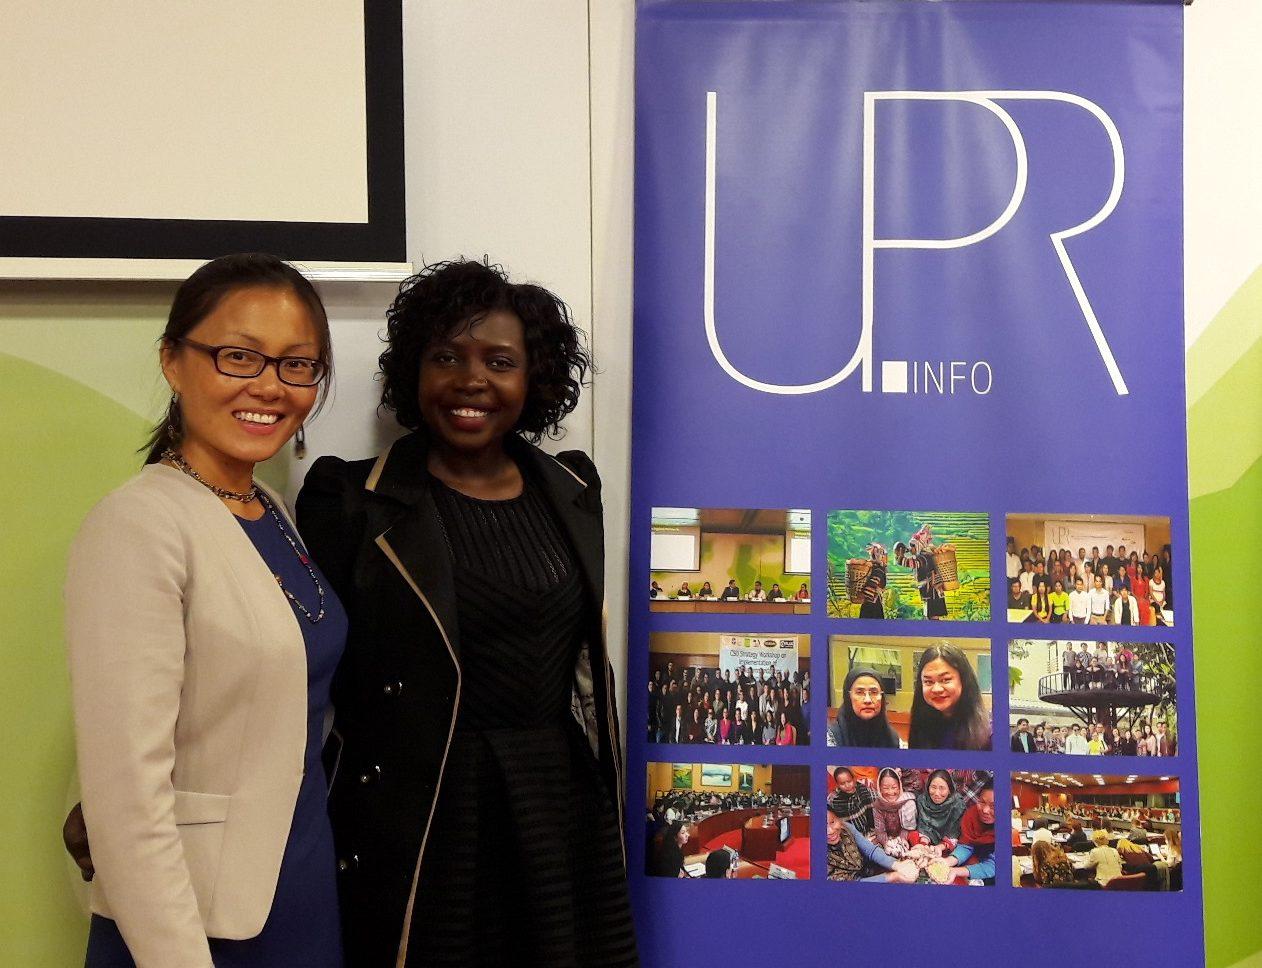 UPR in Geneva